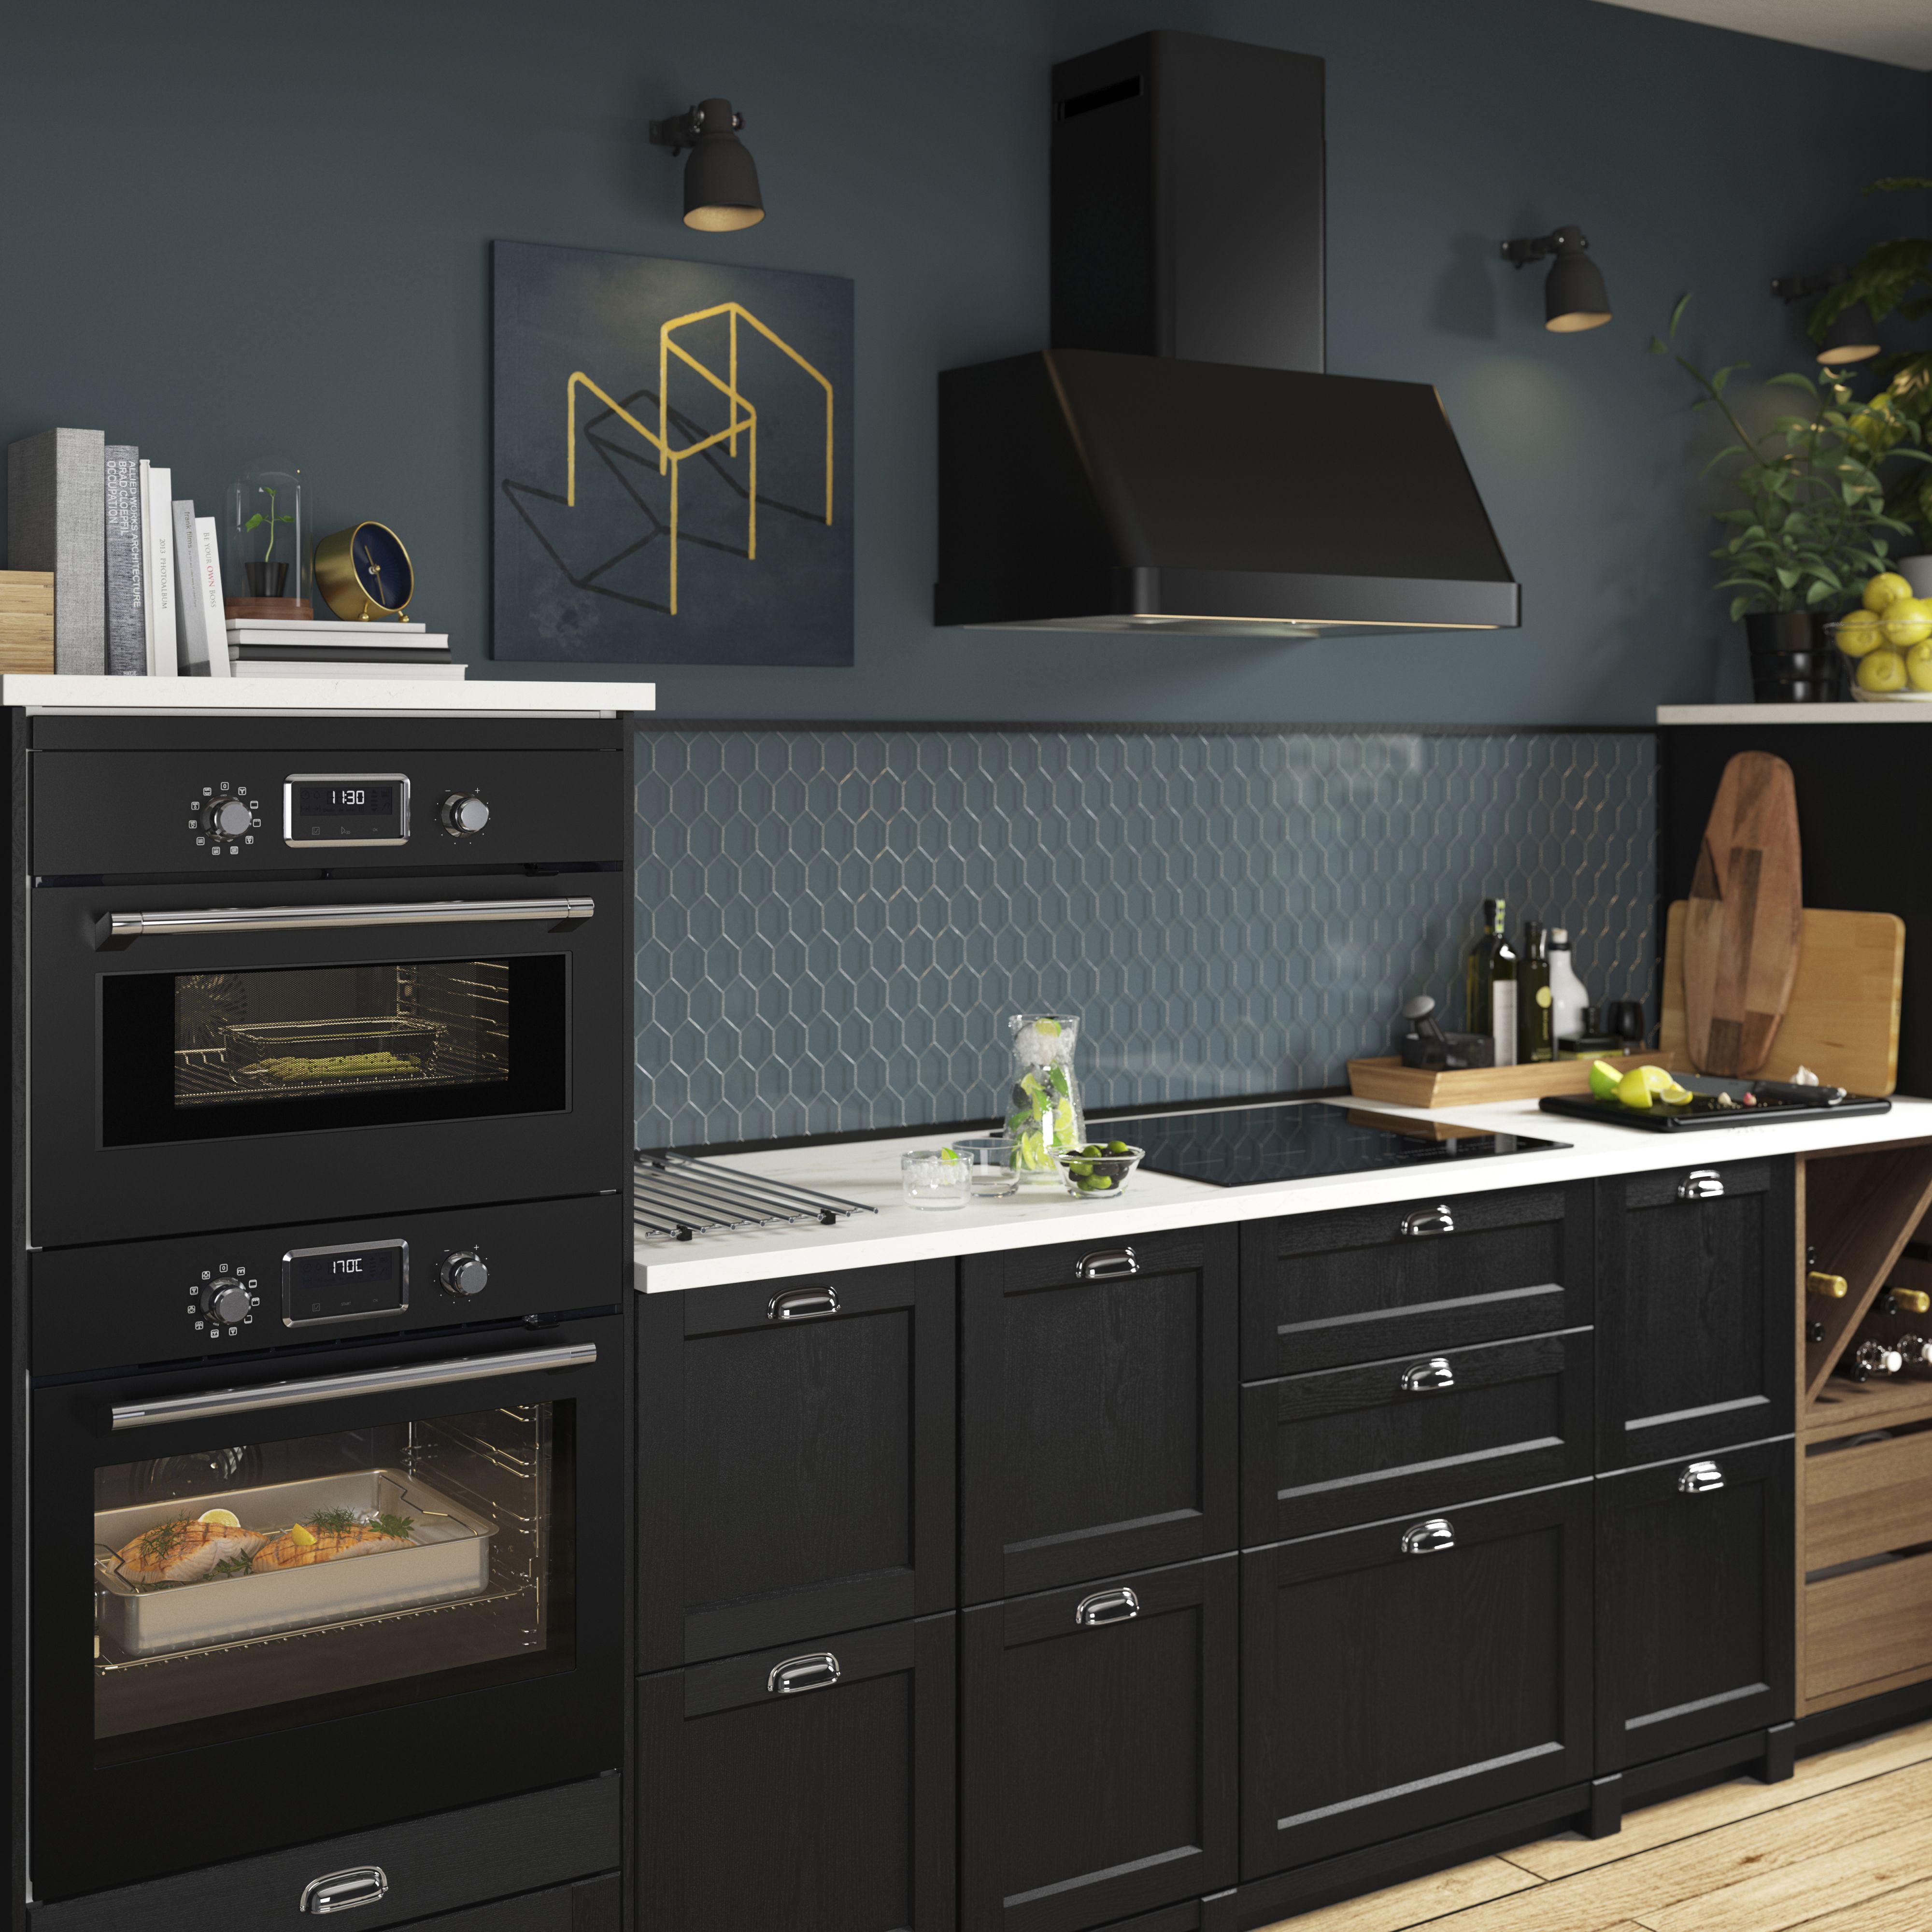 Carrelage Mural Cuisine Ikea cuisine équipée : cuisines pas cher sur mesure en 2020